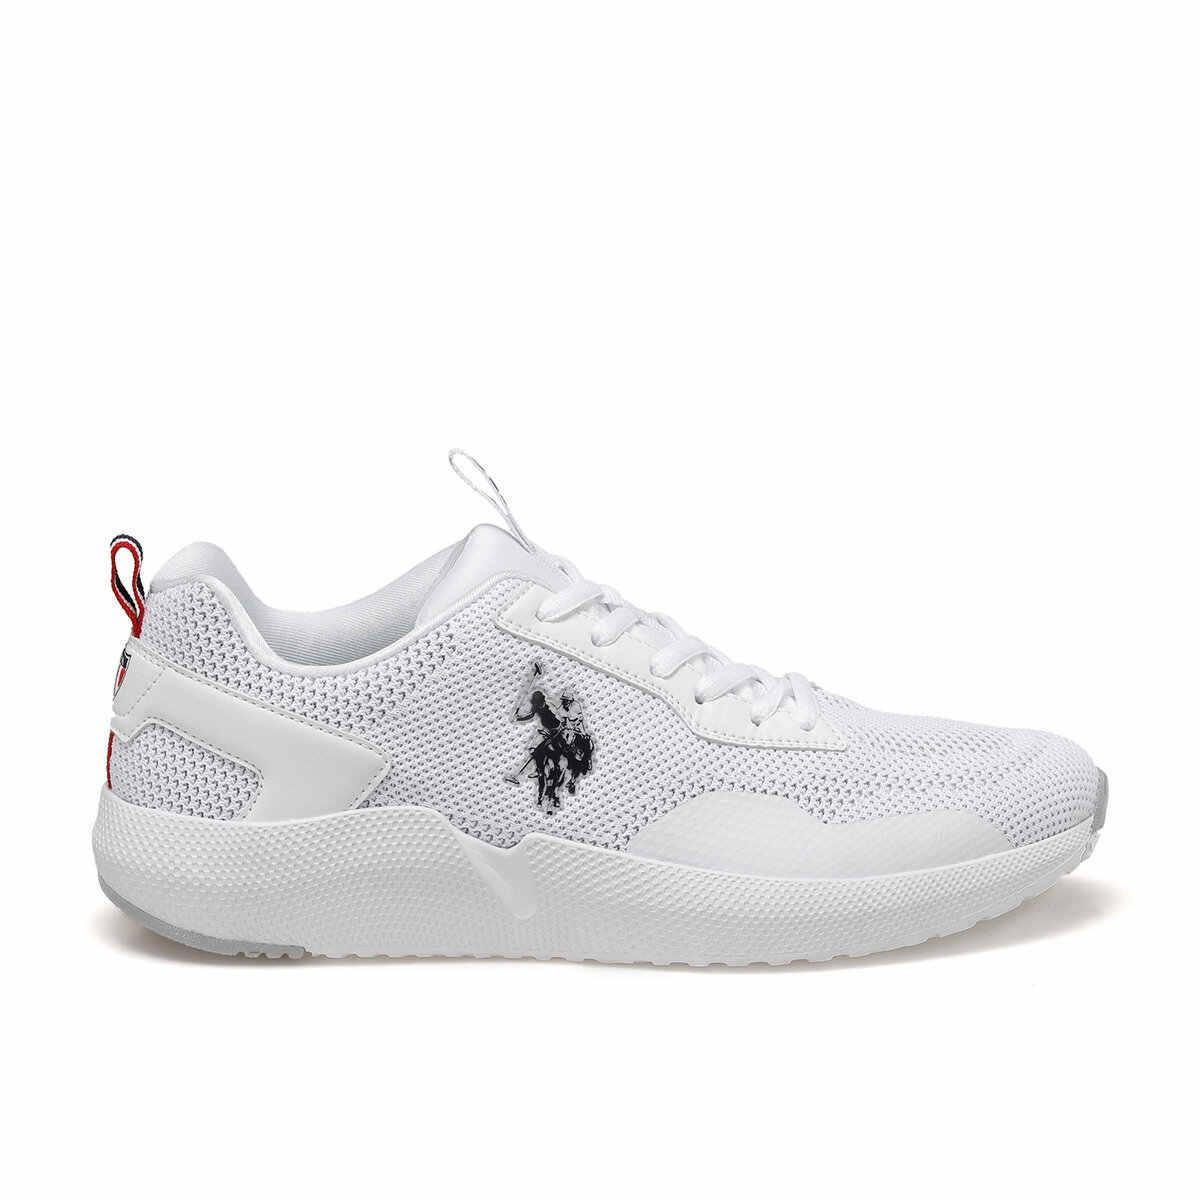 """פלו לבן גברים של נעל נעלי נעליים יומיומיות איש חיצוני טרקים העפלה נעלי ארה""""ב פולו ASSN. סם"""